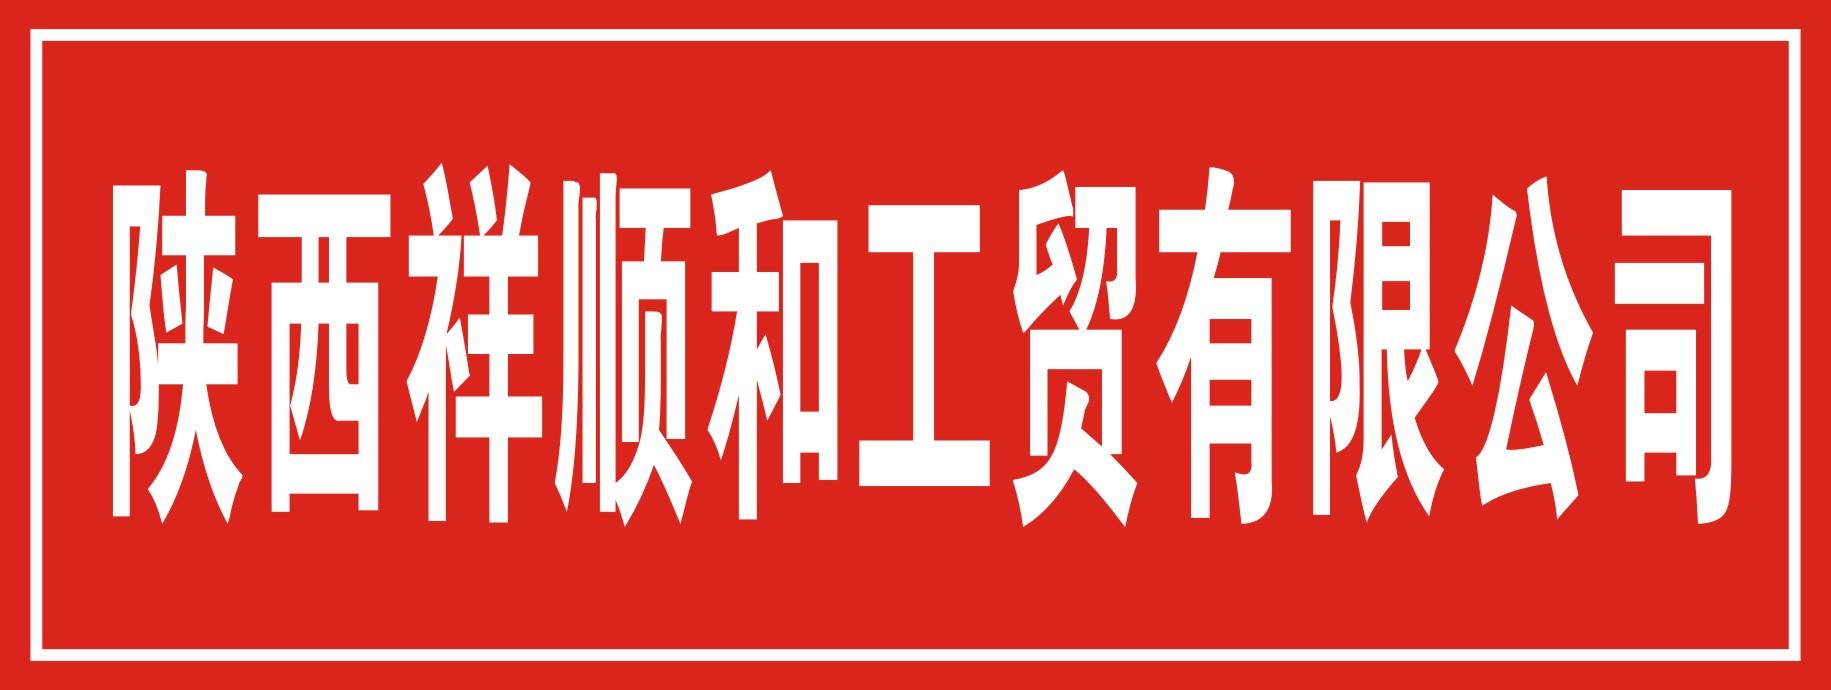 陕西祥顺和工贸有限公司